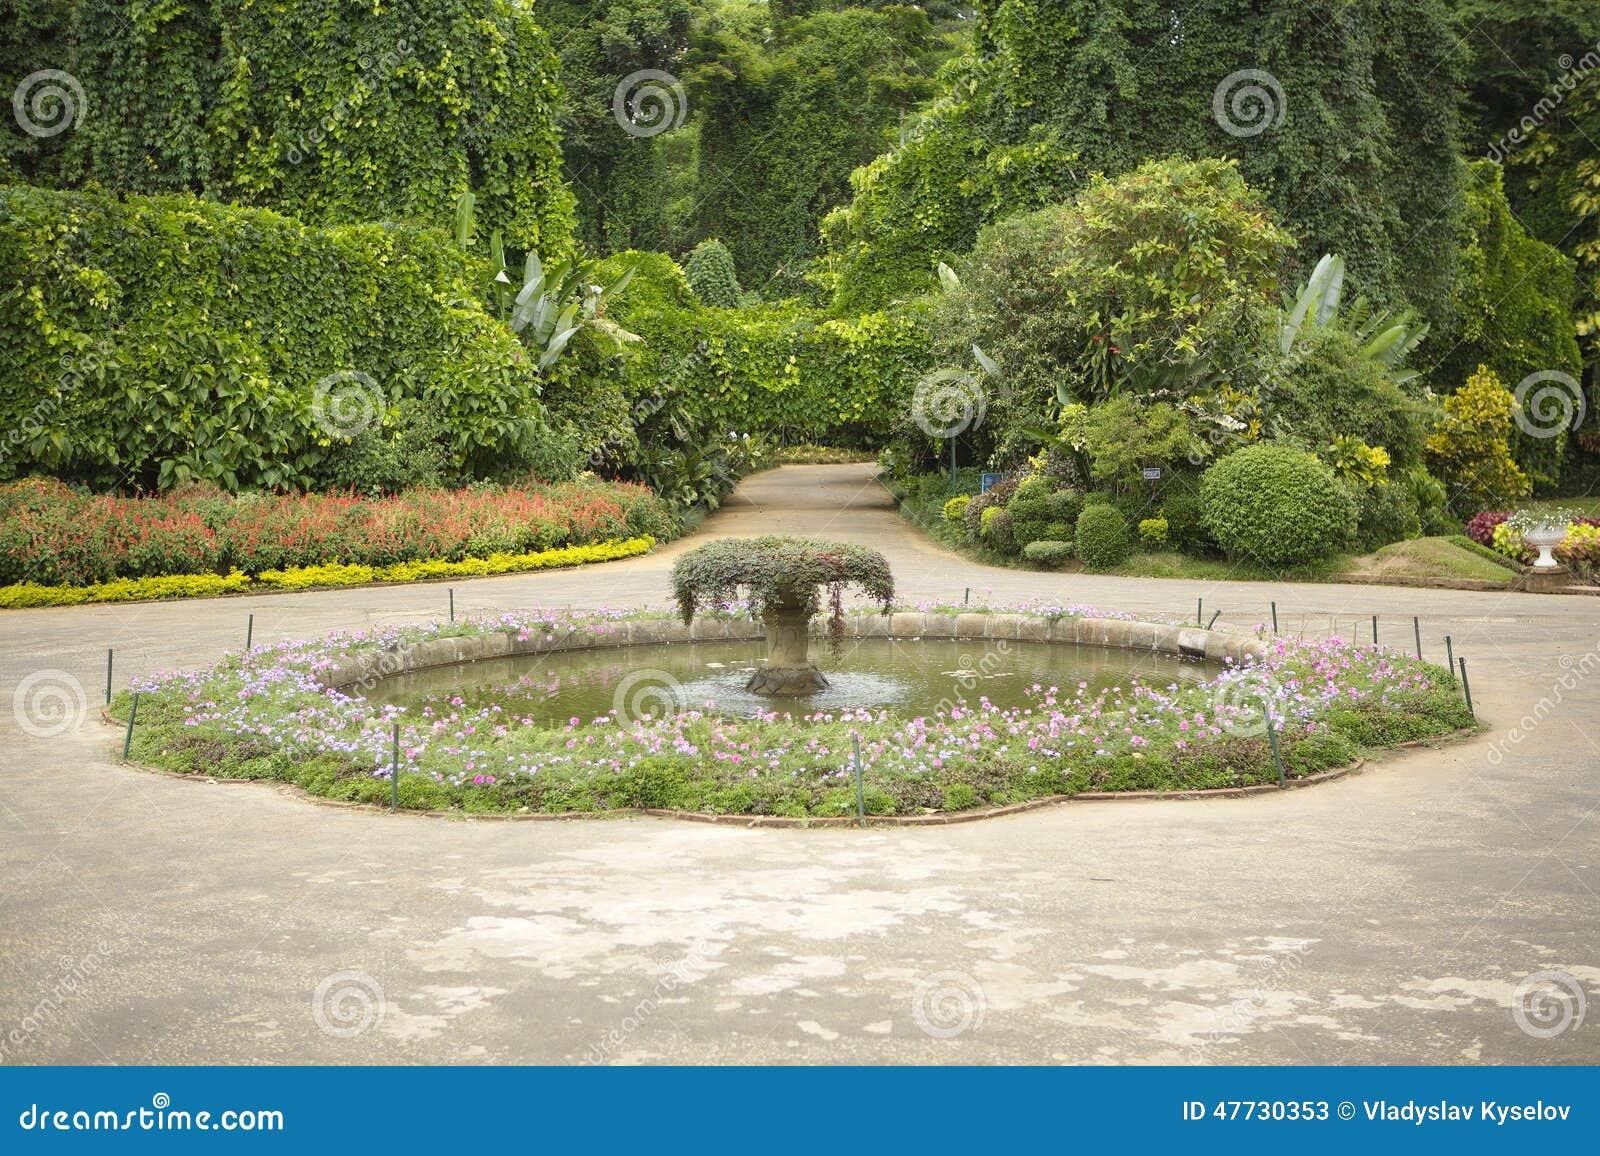 Beau jardin exotique avec la piscine d 39 eau image stock for Jardin 200m2 avec piscine